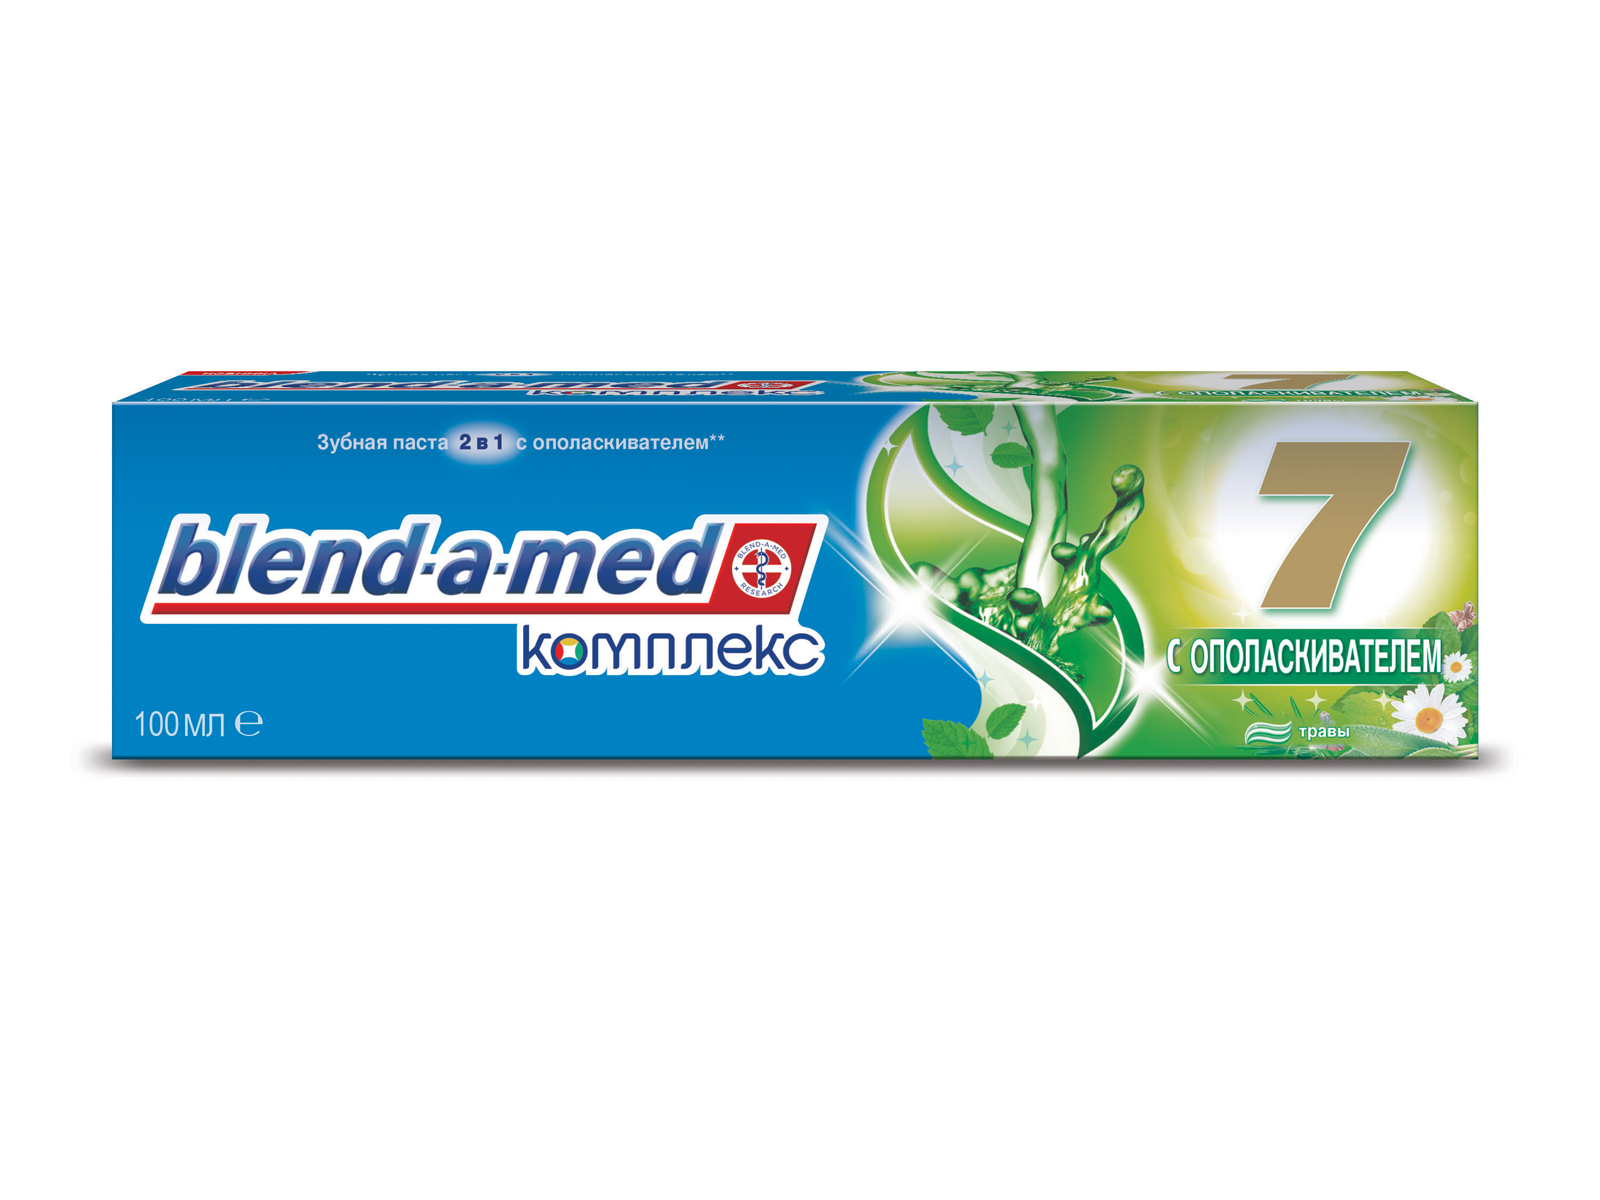 Blend-a-med Зубная паста Комплекс 7 Травы с ополаскивателем, 100 млУТ000029228Дары природы и новейшие технологии по уходу за деснами!Blend-a-med Комплекс 7 + Травы: - Объединяет дары природы и новейшие технологии Blend-a-med. - Содержит экстракты шалфея, ромашки, мелиссы, розмарина и мяты для активного ухода за деснами. Зубные пасты Blend-a-med Комплекс 7 защищают по семи признакам: - Бактериальный налет.- Кариес зубов.- Проблемы дёсен. - Кариес корня.- Зубной камень. - Тёмный налёт. - Несвежее дыхание. Комплекс 7 обеспечивает быструю, простую и легкую защиту всей полости рта, и вы можете наслаждаться жизнью, не беспокоясь о здоровье ваших зубов! Ощутите бодрящий эффект травяного сбора из семян аниса, эвкалипта и мяты в Blend-a-med Комплекс 7 + Травы. Blend-a-med рекомендует использовать зубную пасту Комплекс 7 + Травы с зубной щеткой Oral-B Комплекс.. Попробуйте новый Blend-a-med Комплекс 7 Травы с ополаскивателем. - Обеспечивает качественный уход за здоровьем полости рта. - Комплексная защита всё полости рта. - При регулярном применении помогает улучшить состояние полости рта. - Комплекс 7 обеспечивает быструю, простую и легкую защиту всей полости рта, и вы можете наслаждаться жизнью, не беспокоясь о здоровье ваших зубов. Срок хранения – 3 года. «Проктер энд Гэмбл», Германия.